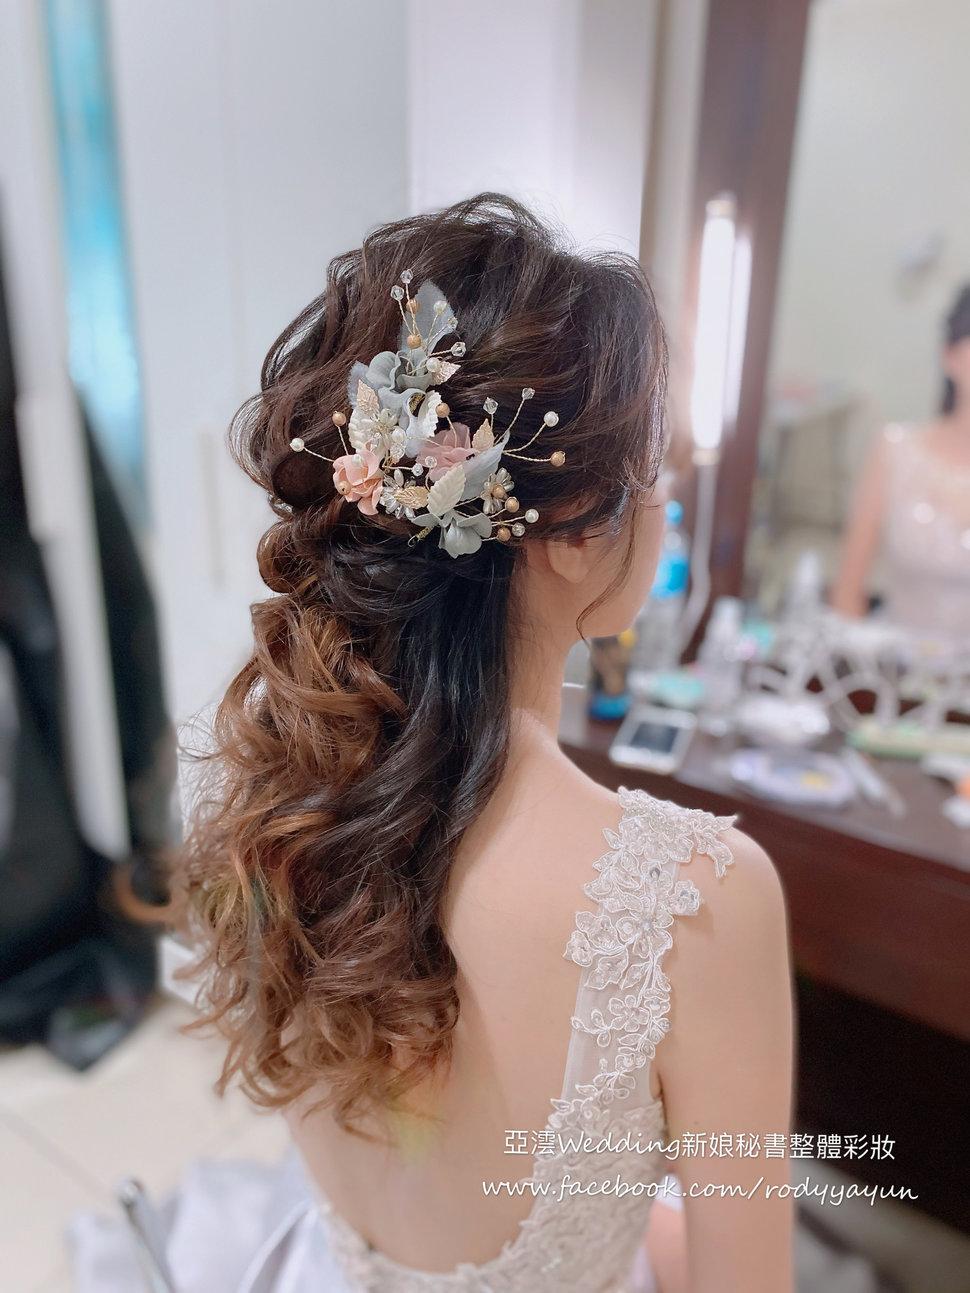 872933CF-9A8D-4200-B3F9-E588B7B42618 - 亞澐 Wedding 新娘秘書 整體彩妝《結婚吧》